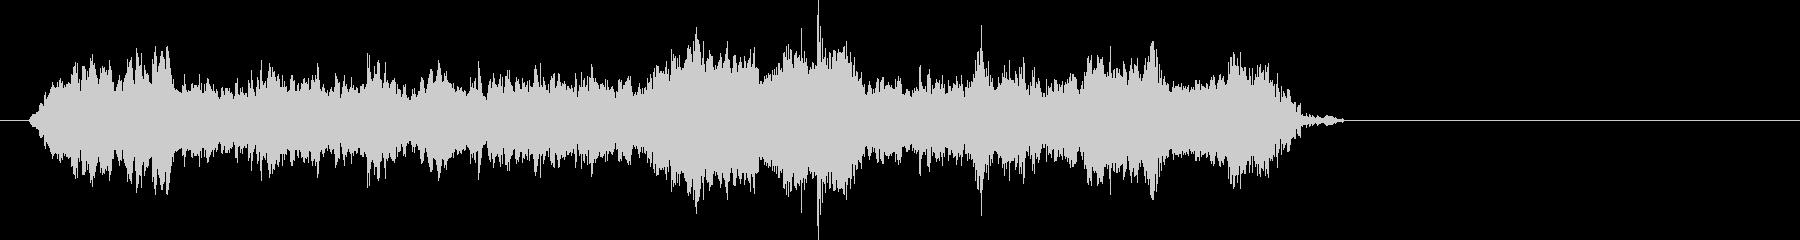 サーボモーター4;ウィニングモータ...の未再生の波形